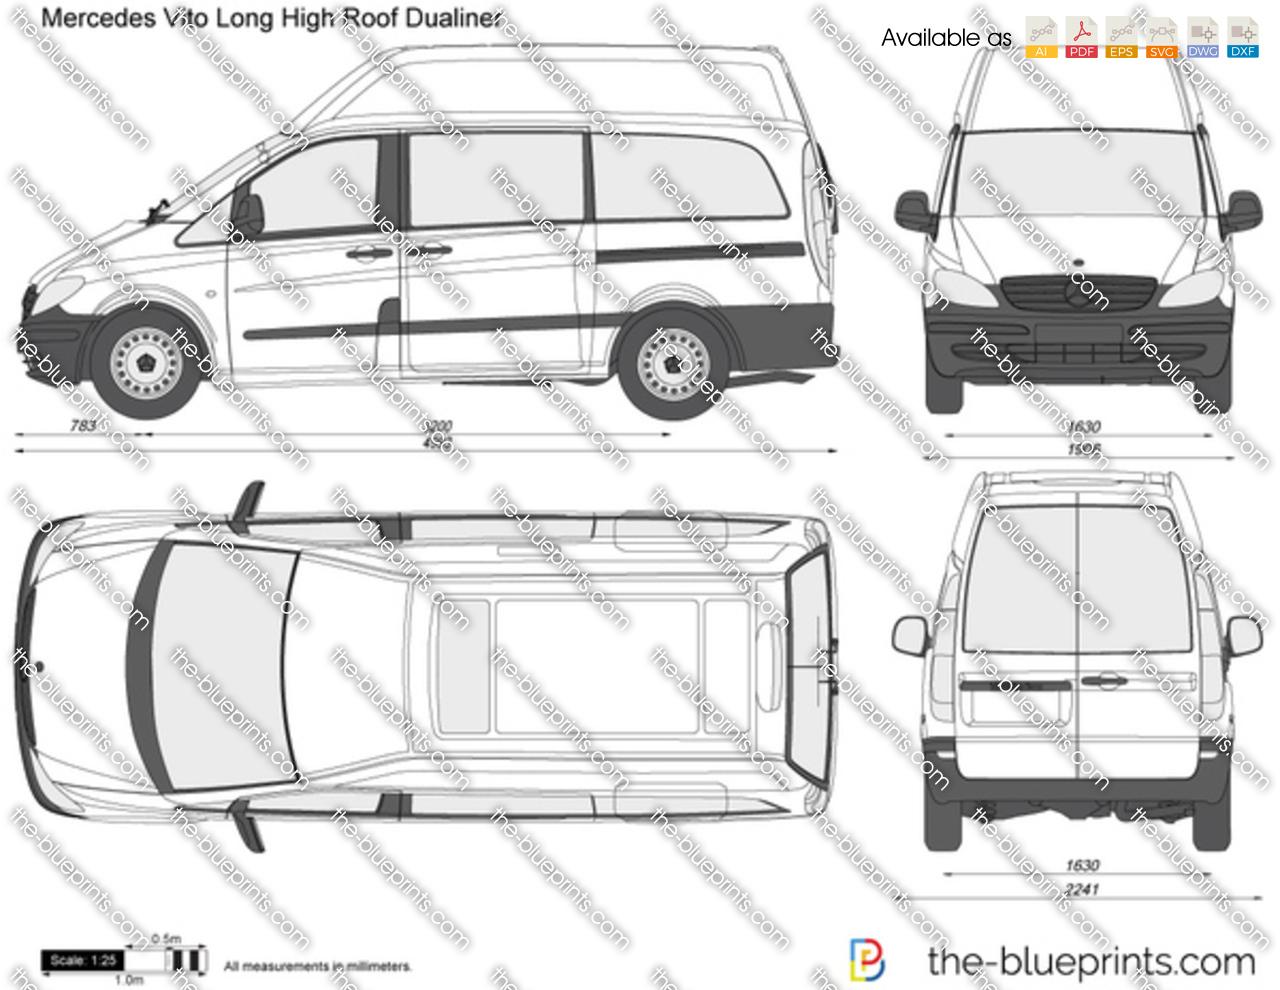 Mercedes Benz Vito Long Hi Roof Dualiner Vector Drawing